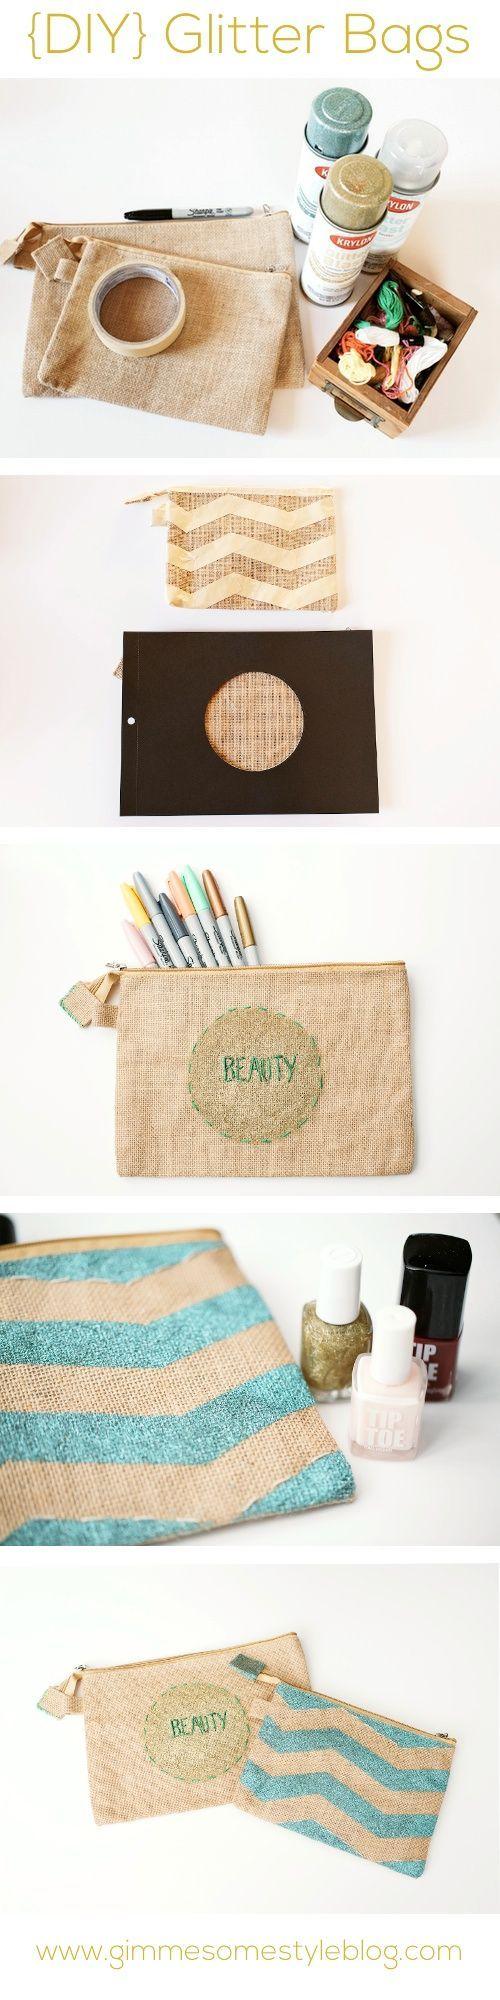 Cute idea to do a chevron glitter design on a canvas